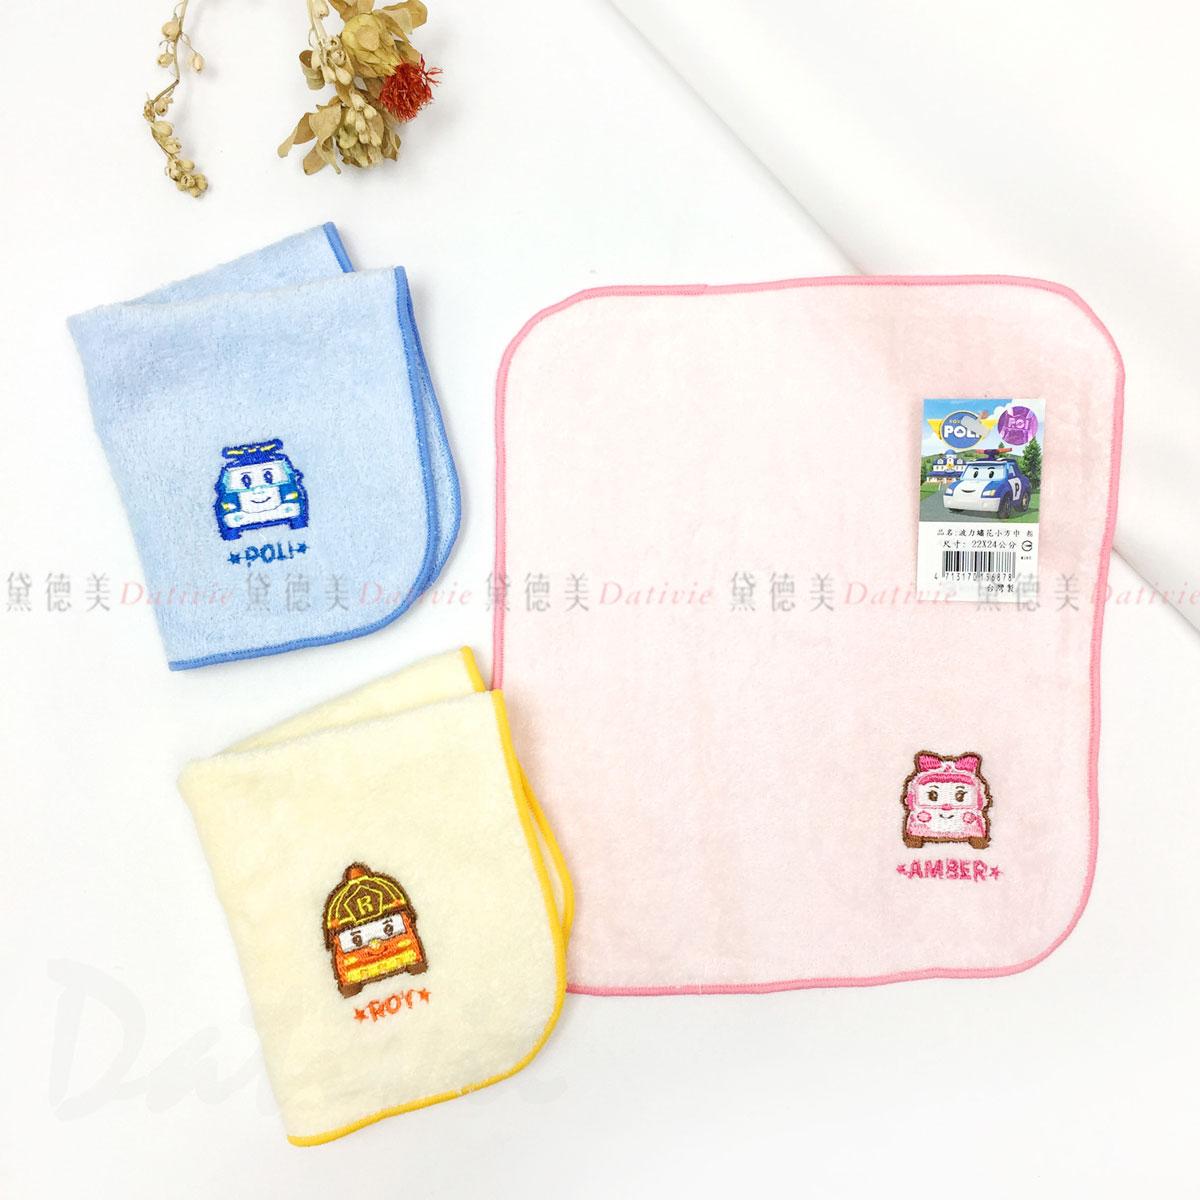 繡花純棉小方巾  22x24cm-波力 POLI粉藍黃 正版授權